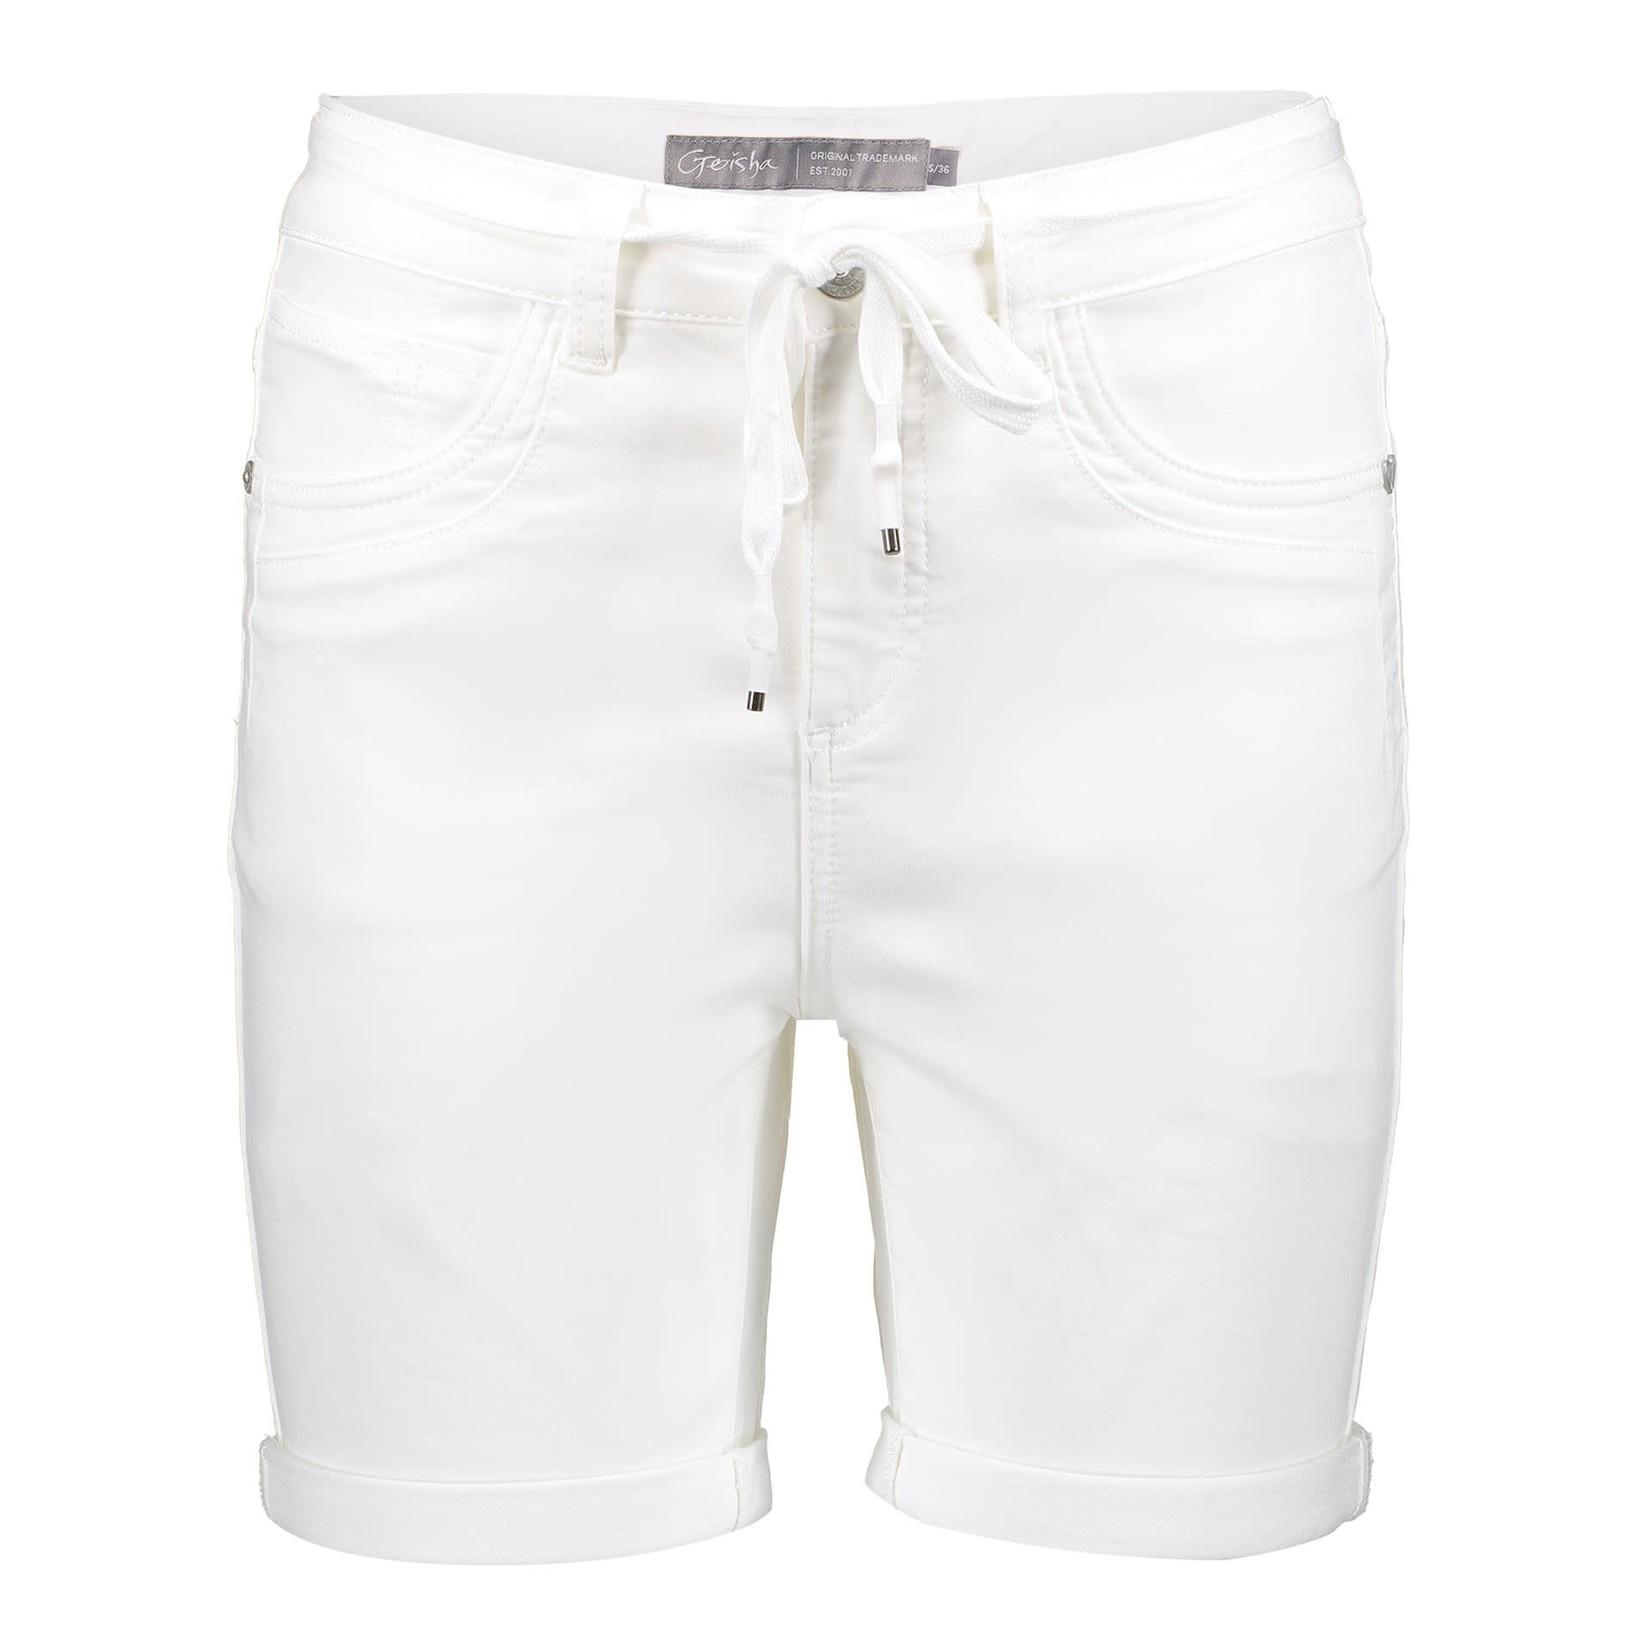 Geisha Geisha shorts with lace at waist white denim 11025-10